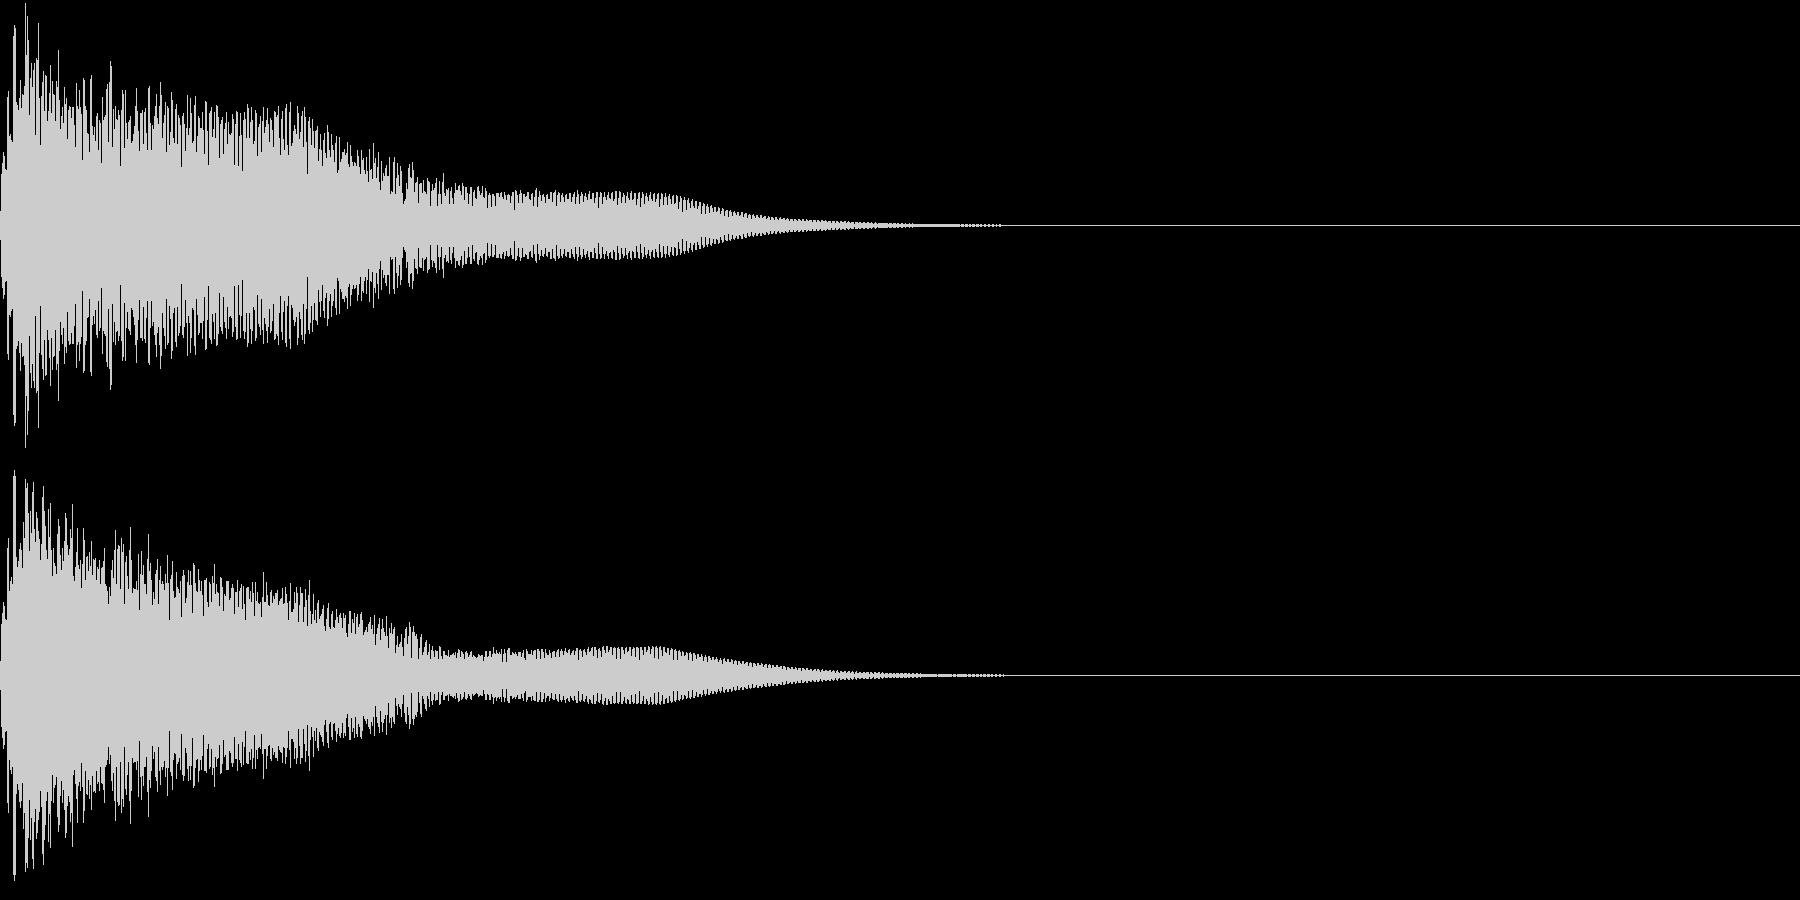 光る  輝く  キュピーン  キラーンHの未再生の波形